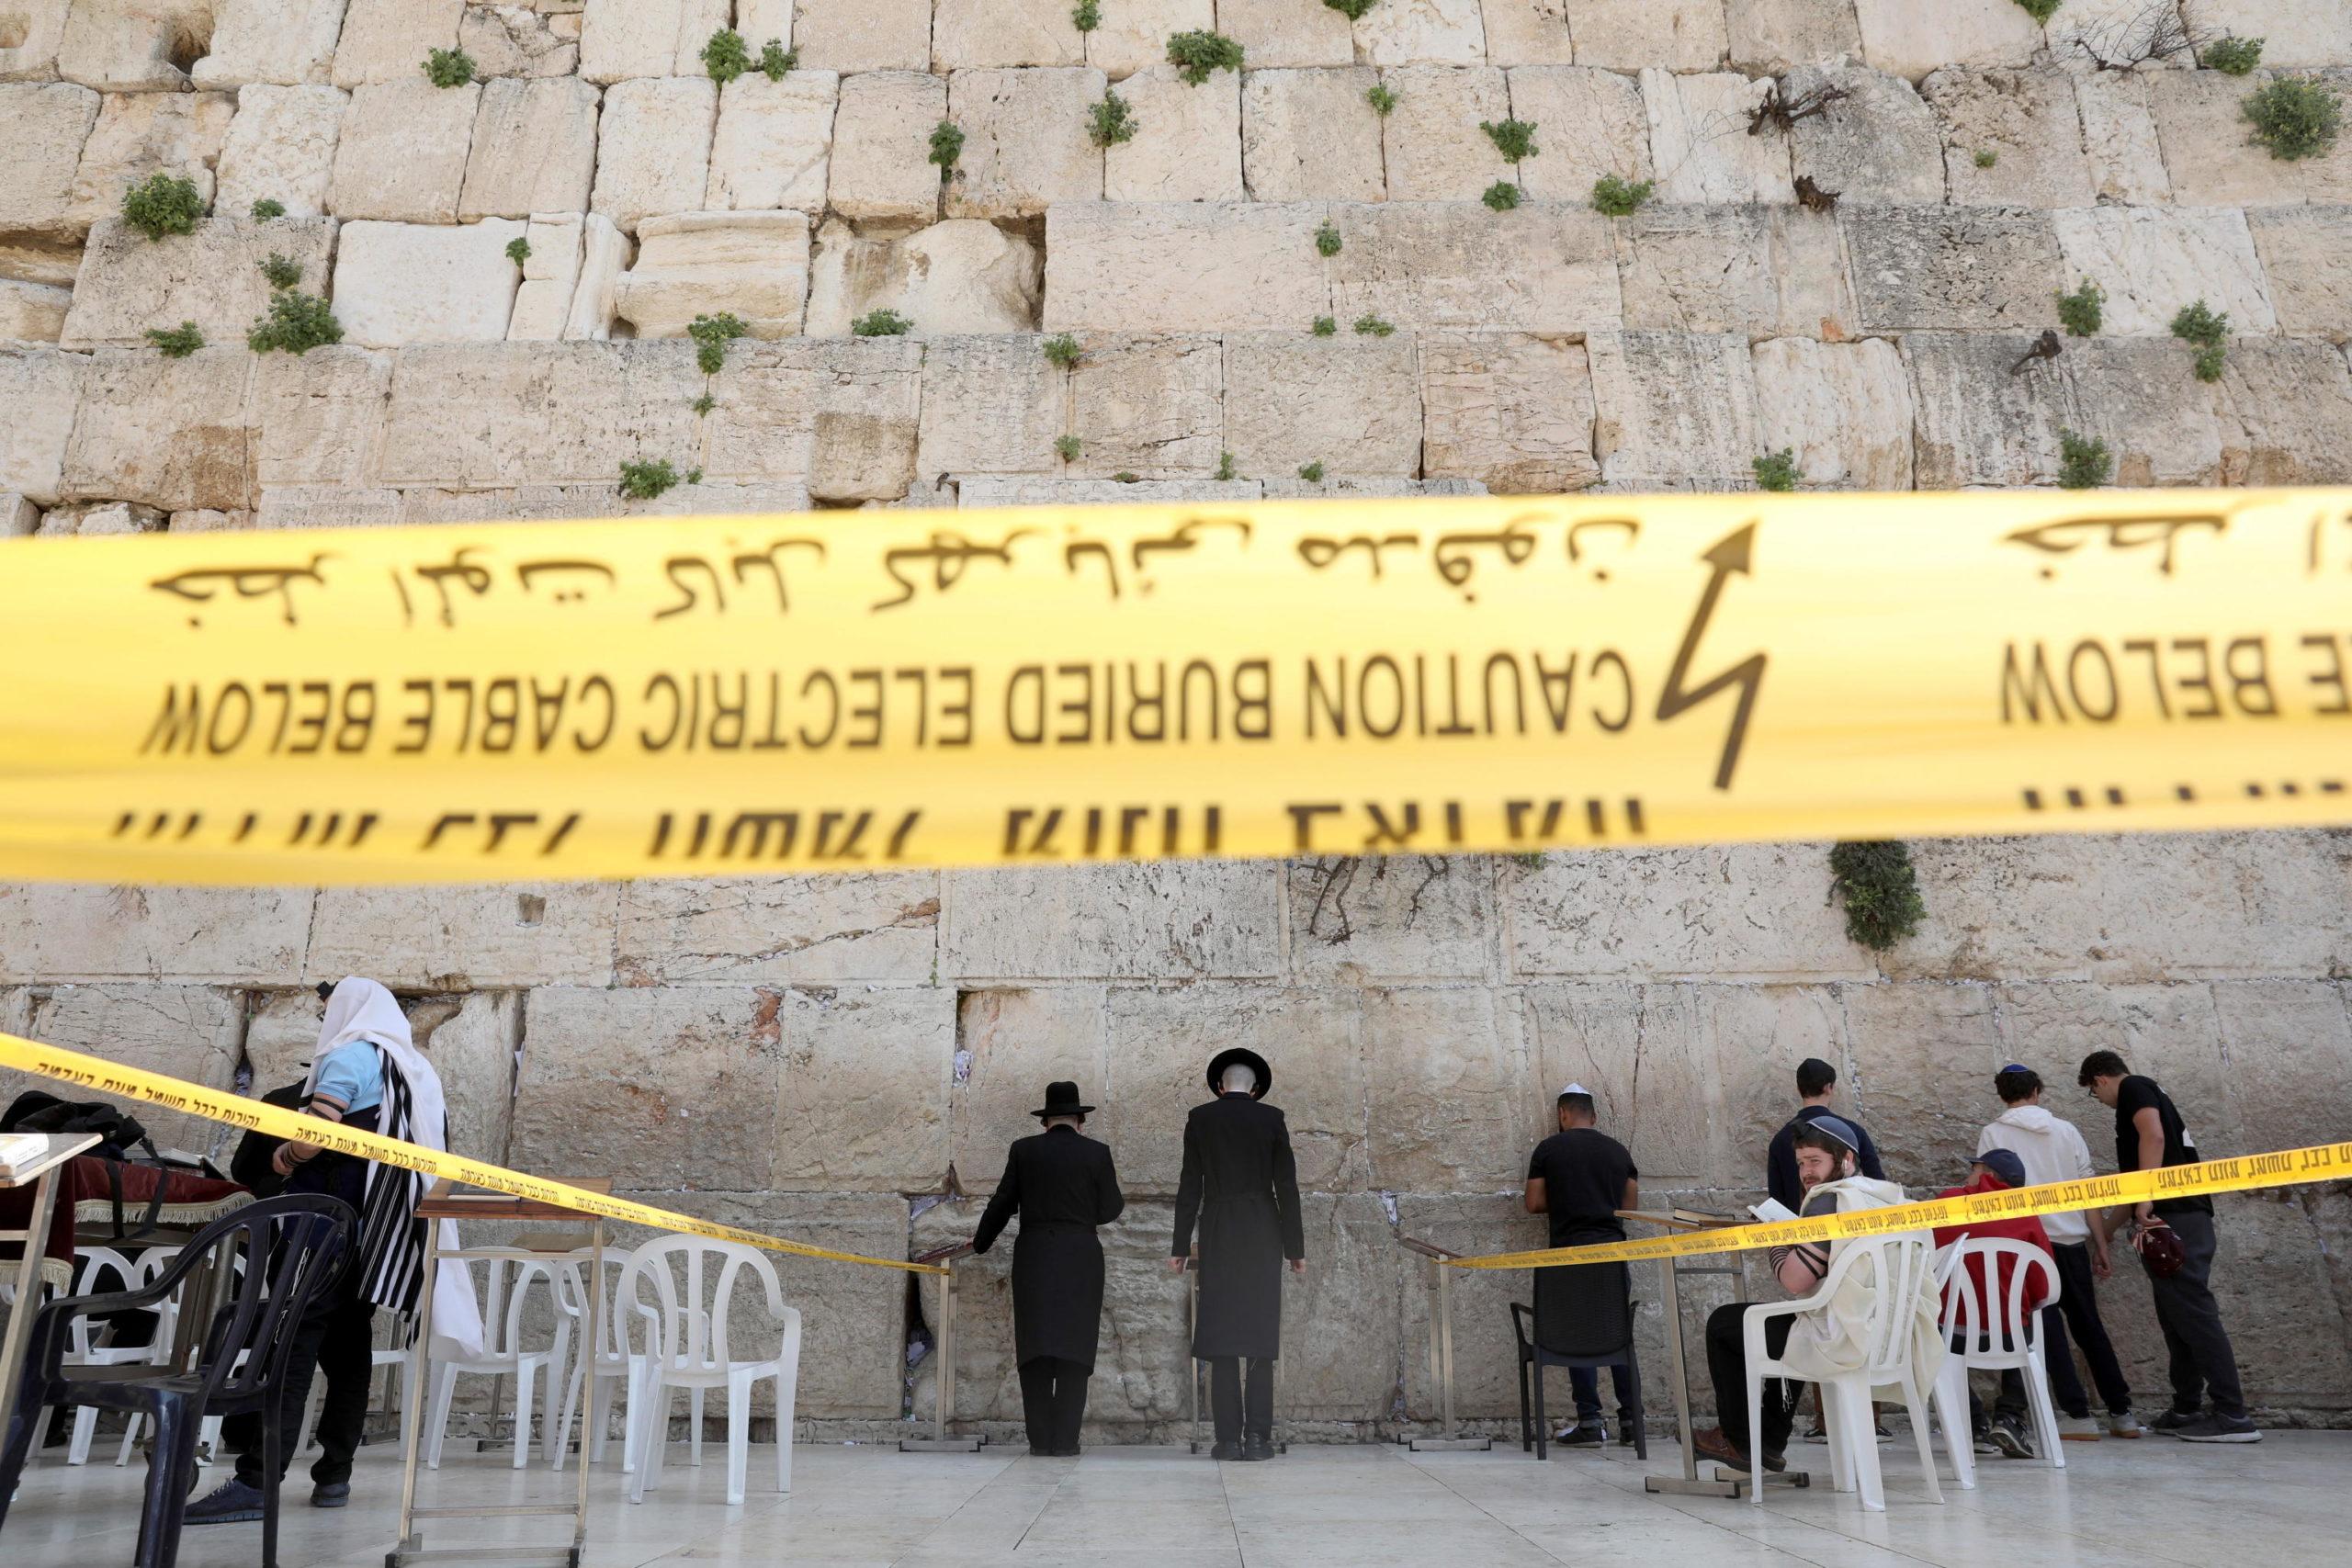 Israele: 10 persone alla volta pregano sul lato ovest del Muro del Pianto a Gerusalemme. Il governo ha stabilito un massimo di presenza di 10 persone nello stesso luogo per prevenire i contagi